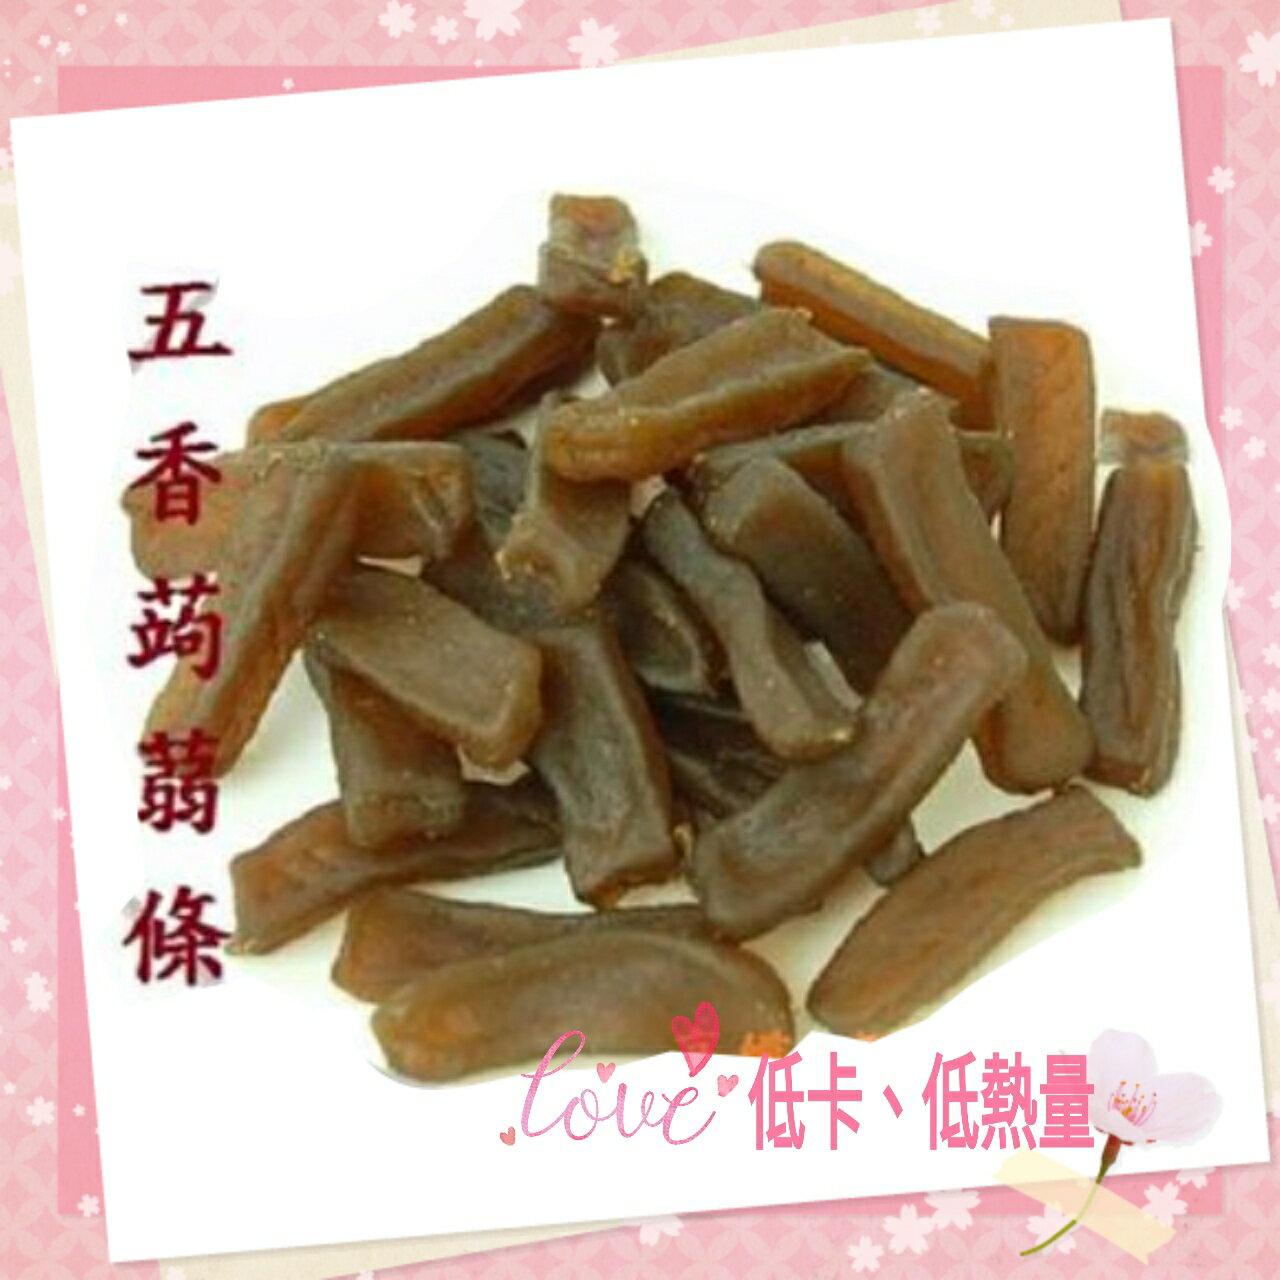 寒天五香蒟蒻條/辣味蒟蒻條/600g(辣味)